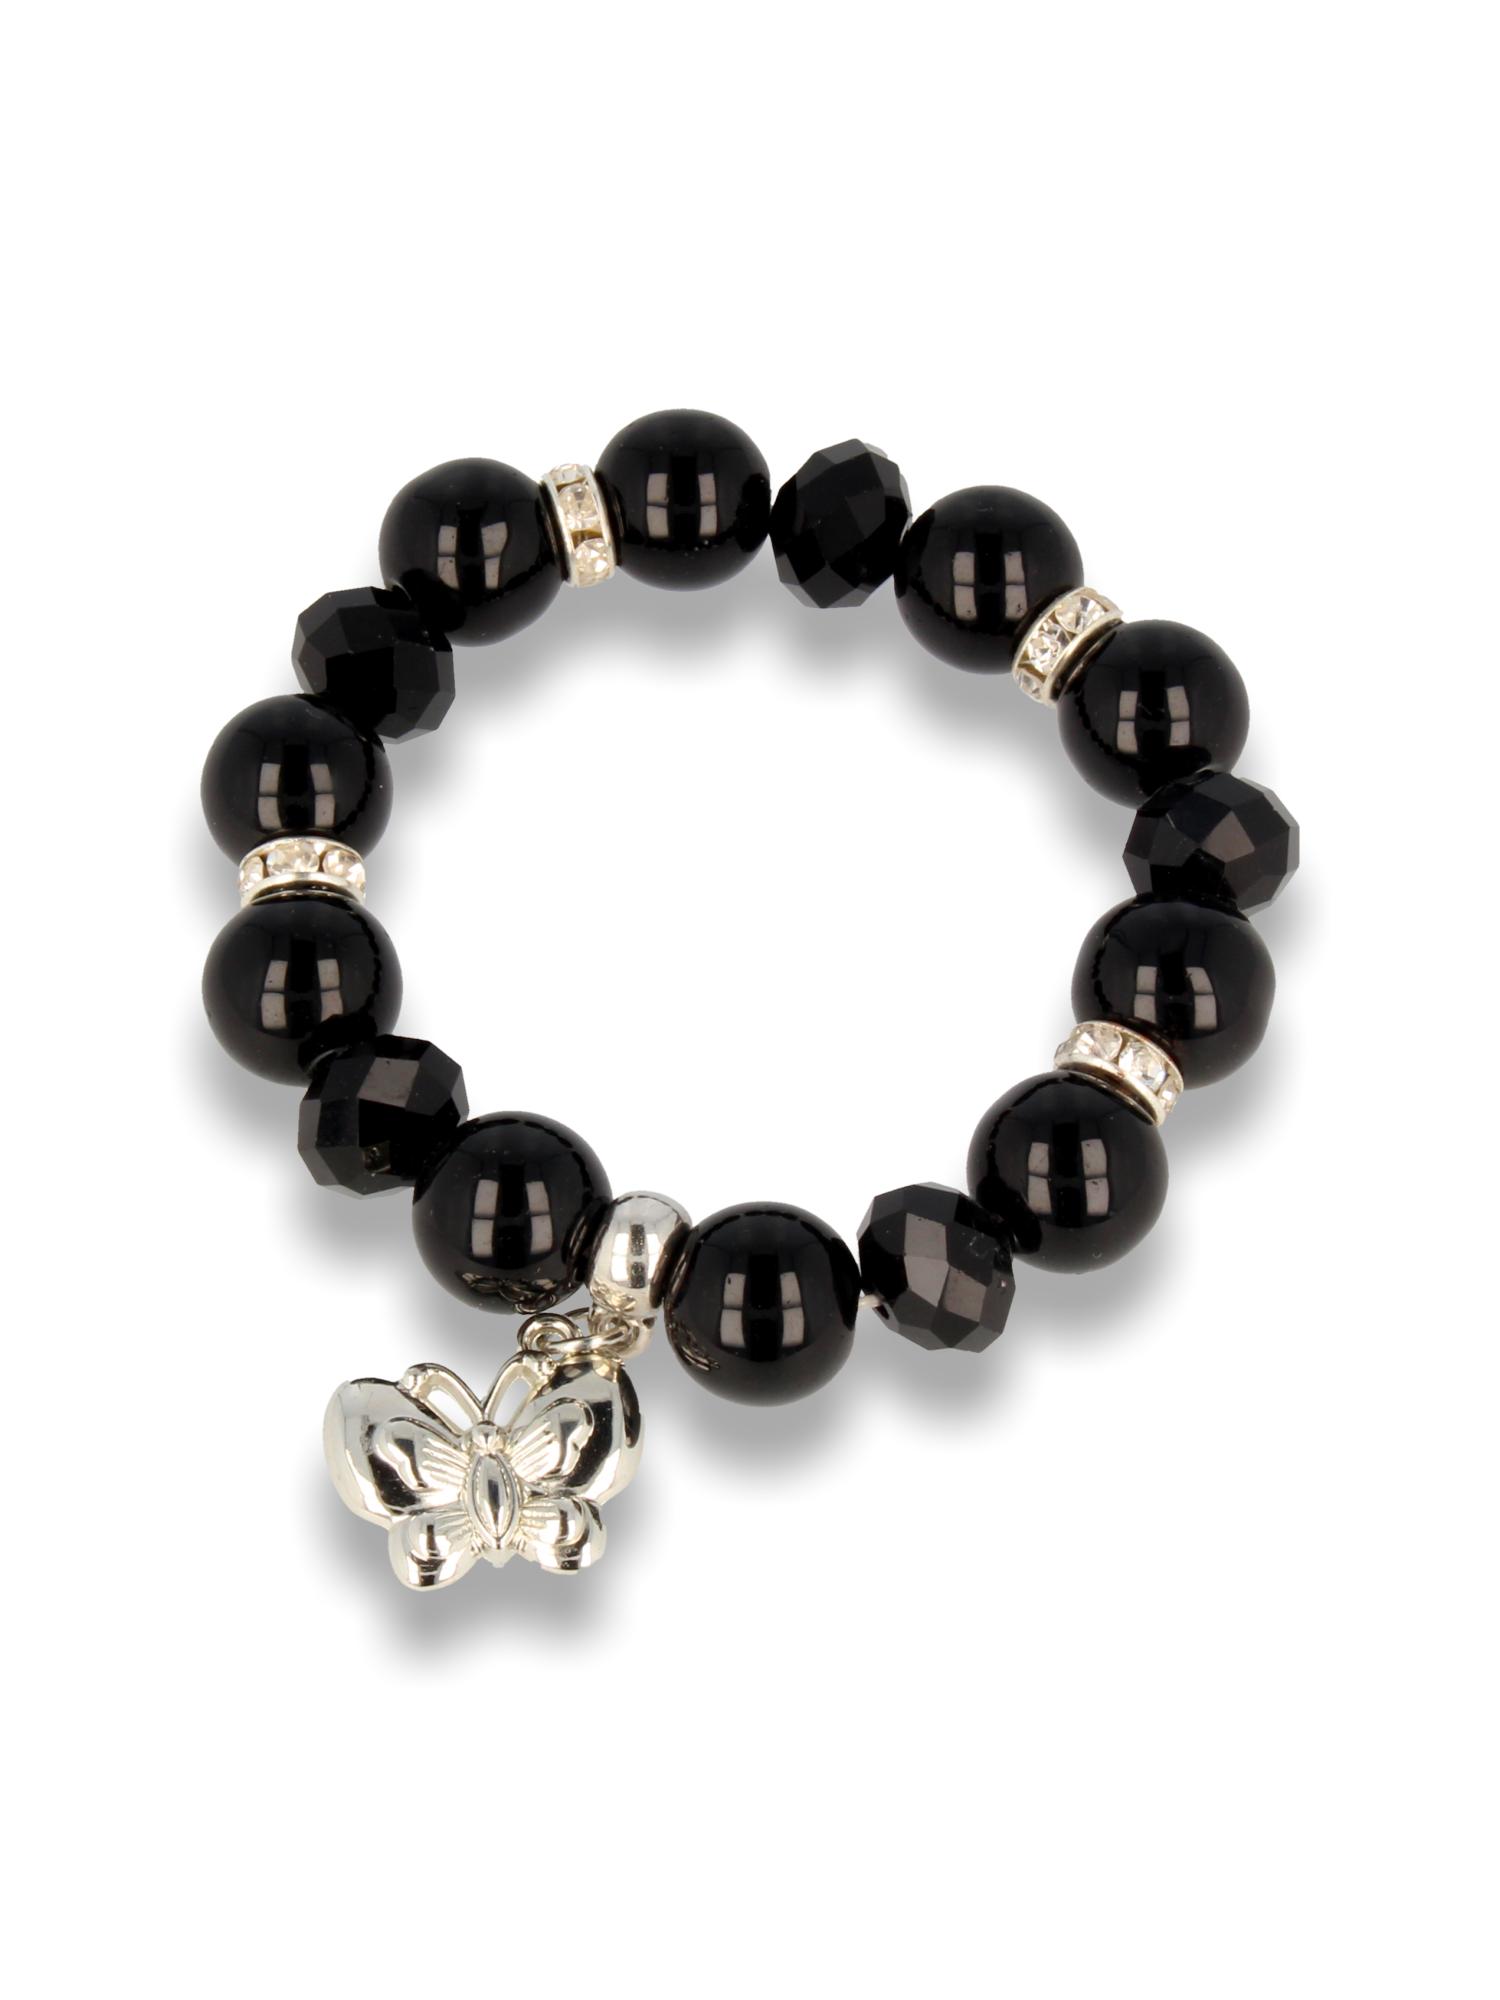 Czarna Bransoletka koralikowa z zawieszką w kształcie motylka                                  zdj.                                  1